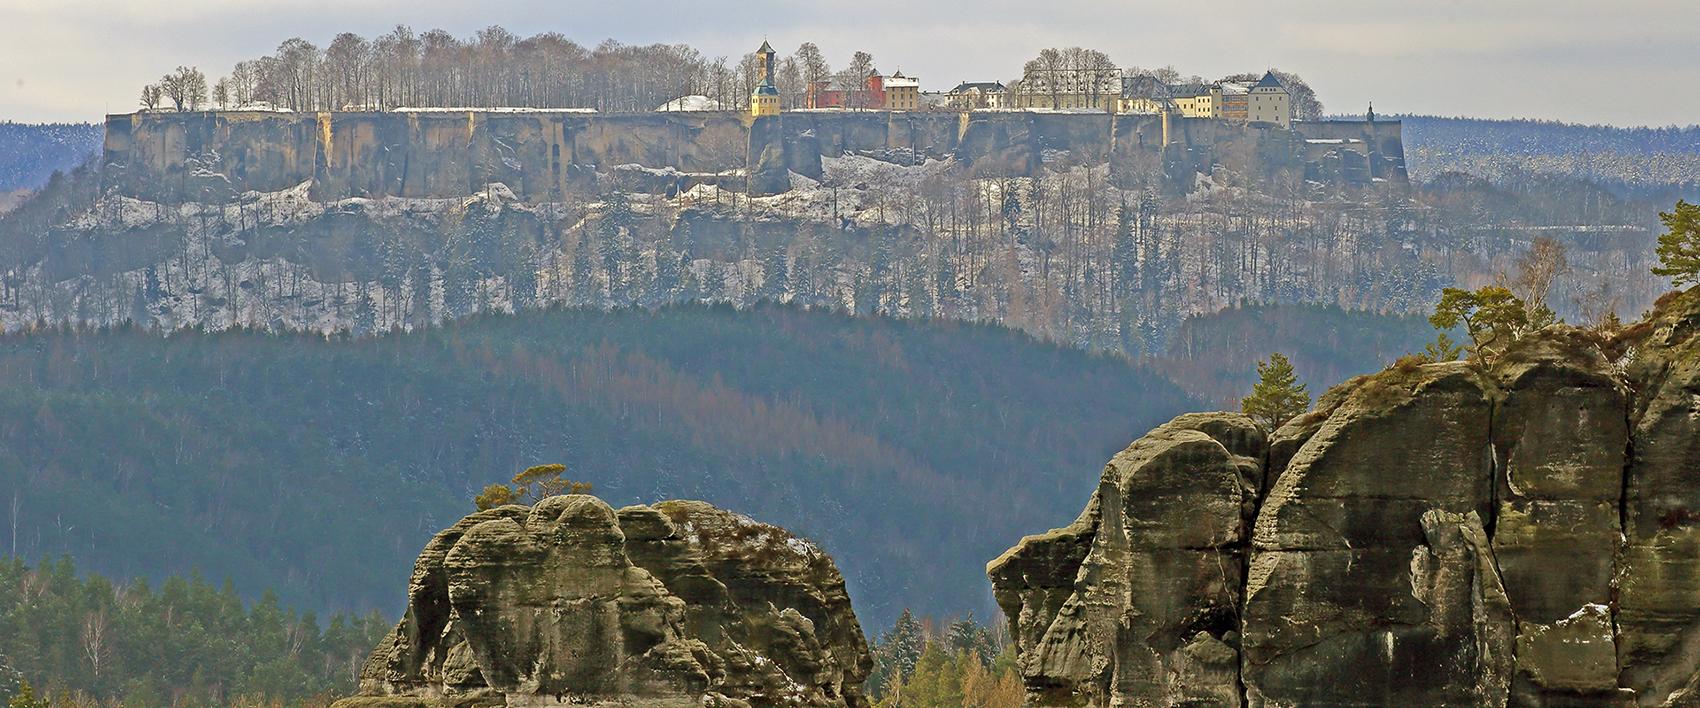 Diesen für mich besonders schönen Blick auf die Festung...